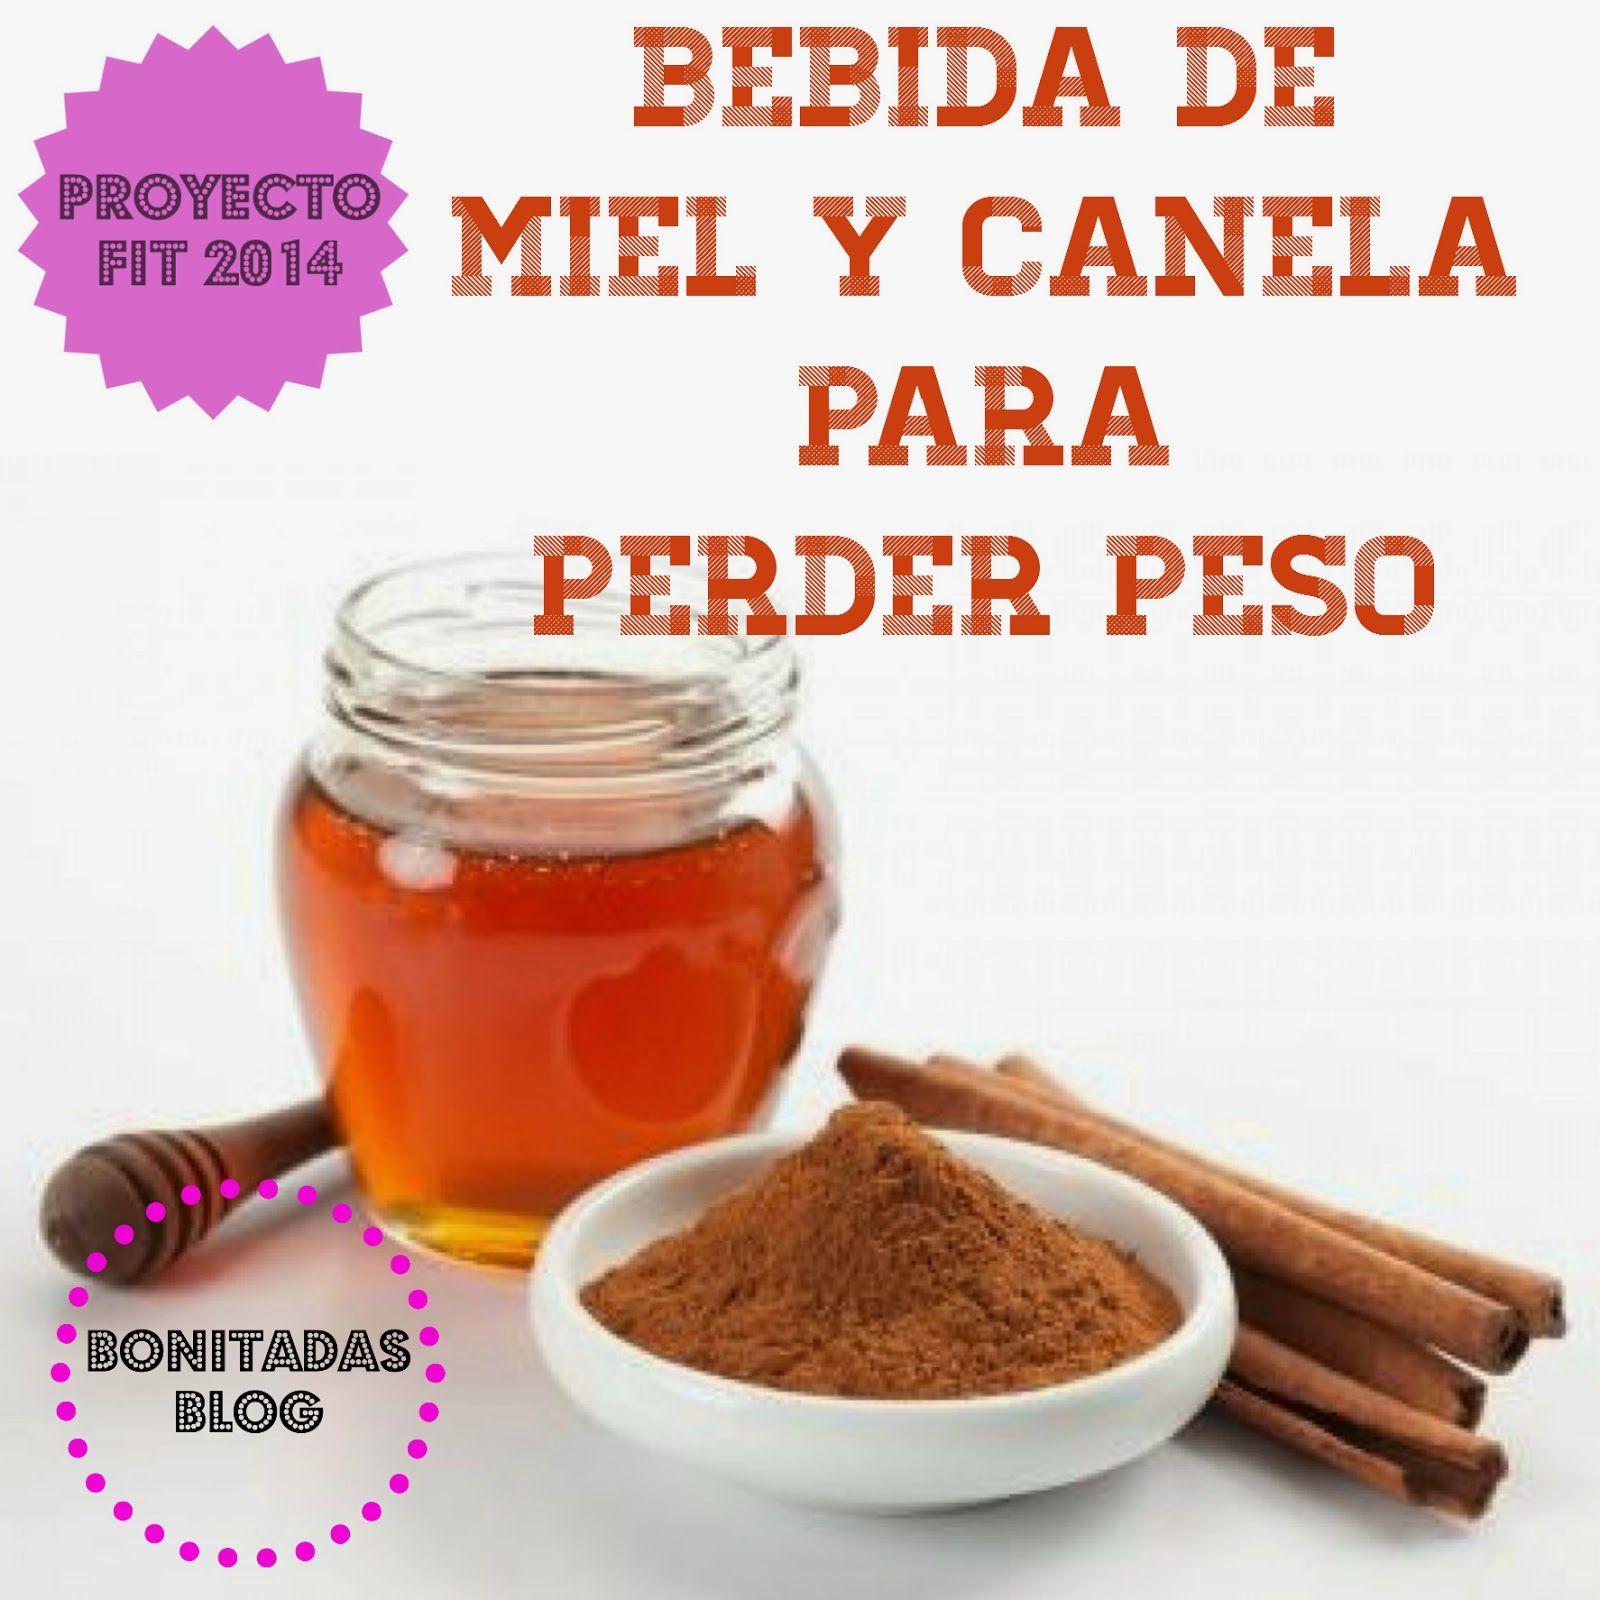 Bonitadas: Proyecto Fit 2014: Bebida de Miel y Canela para